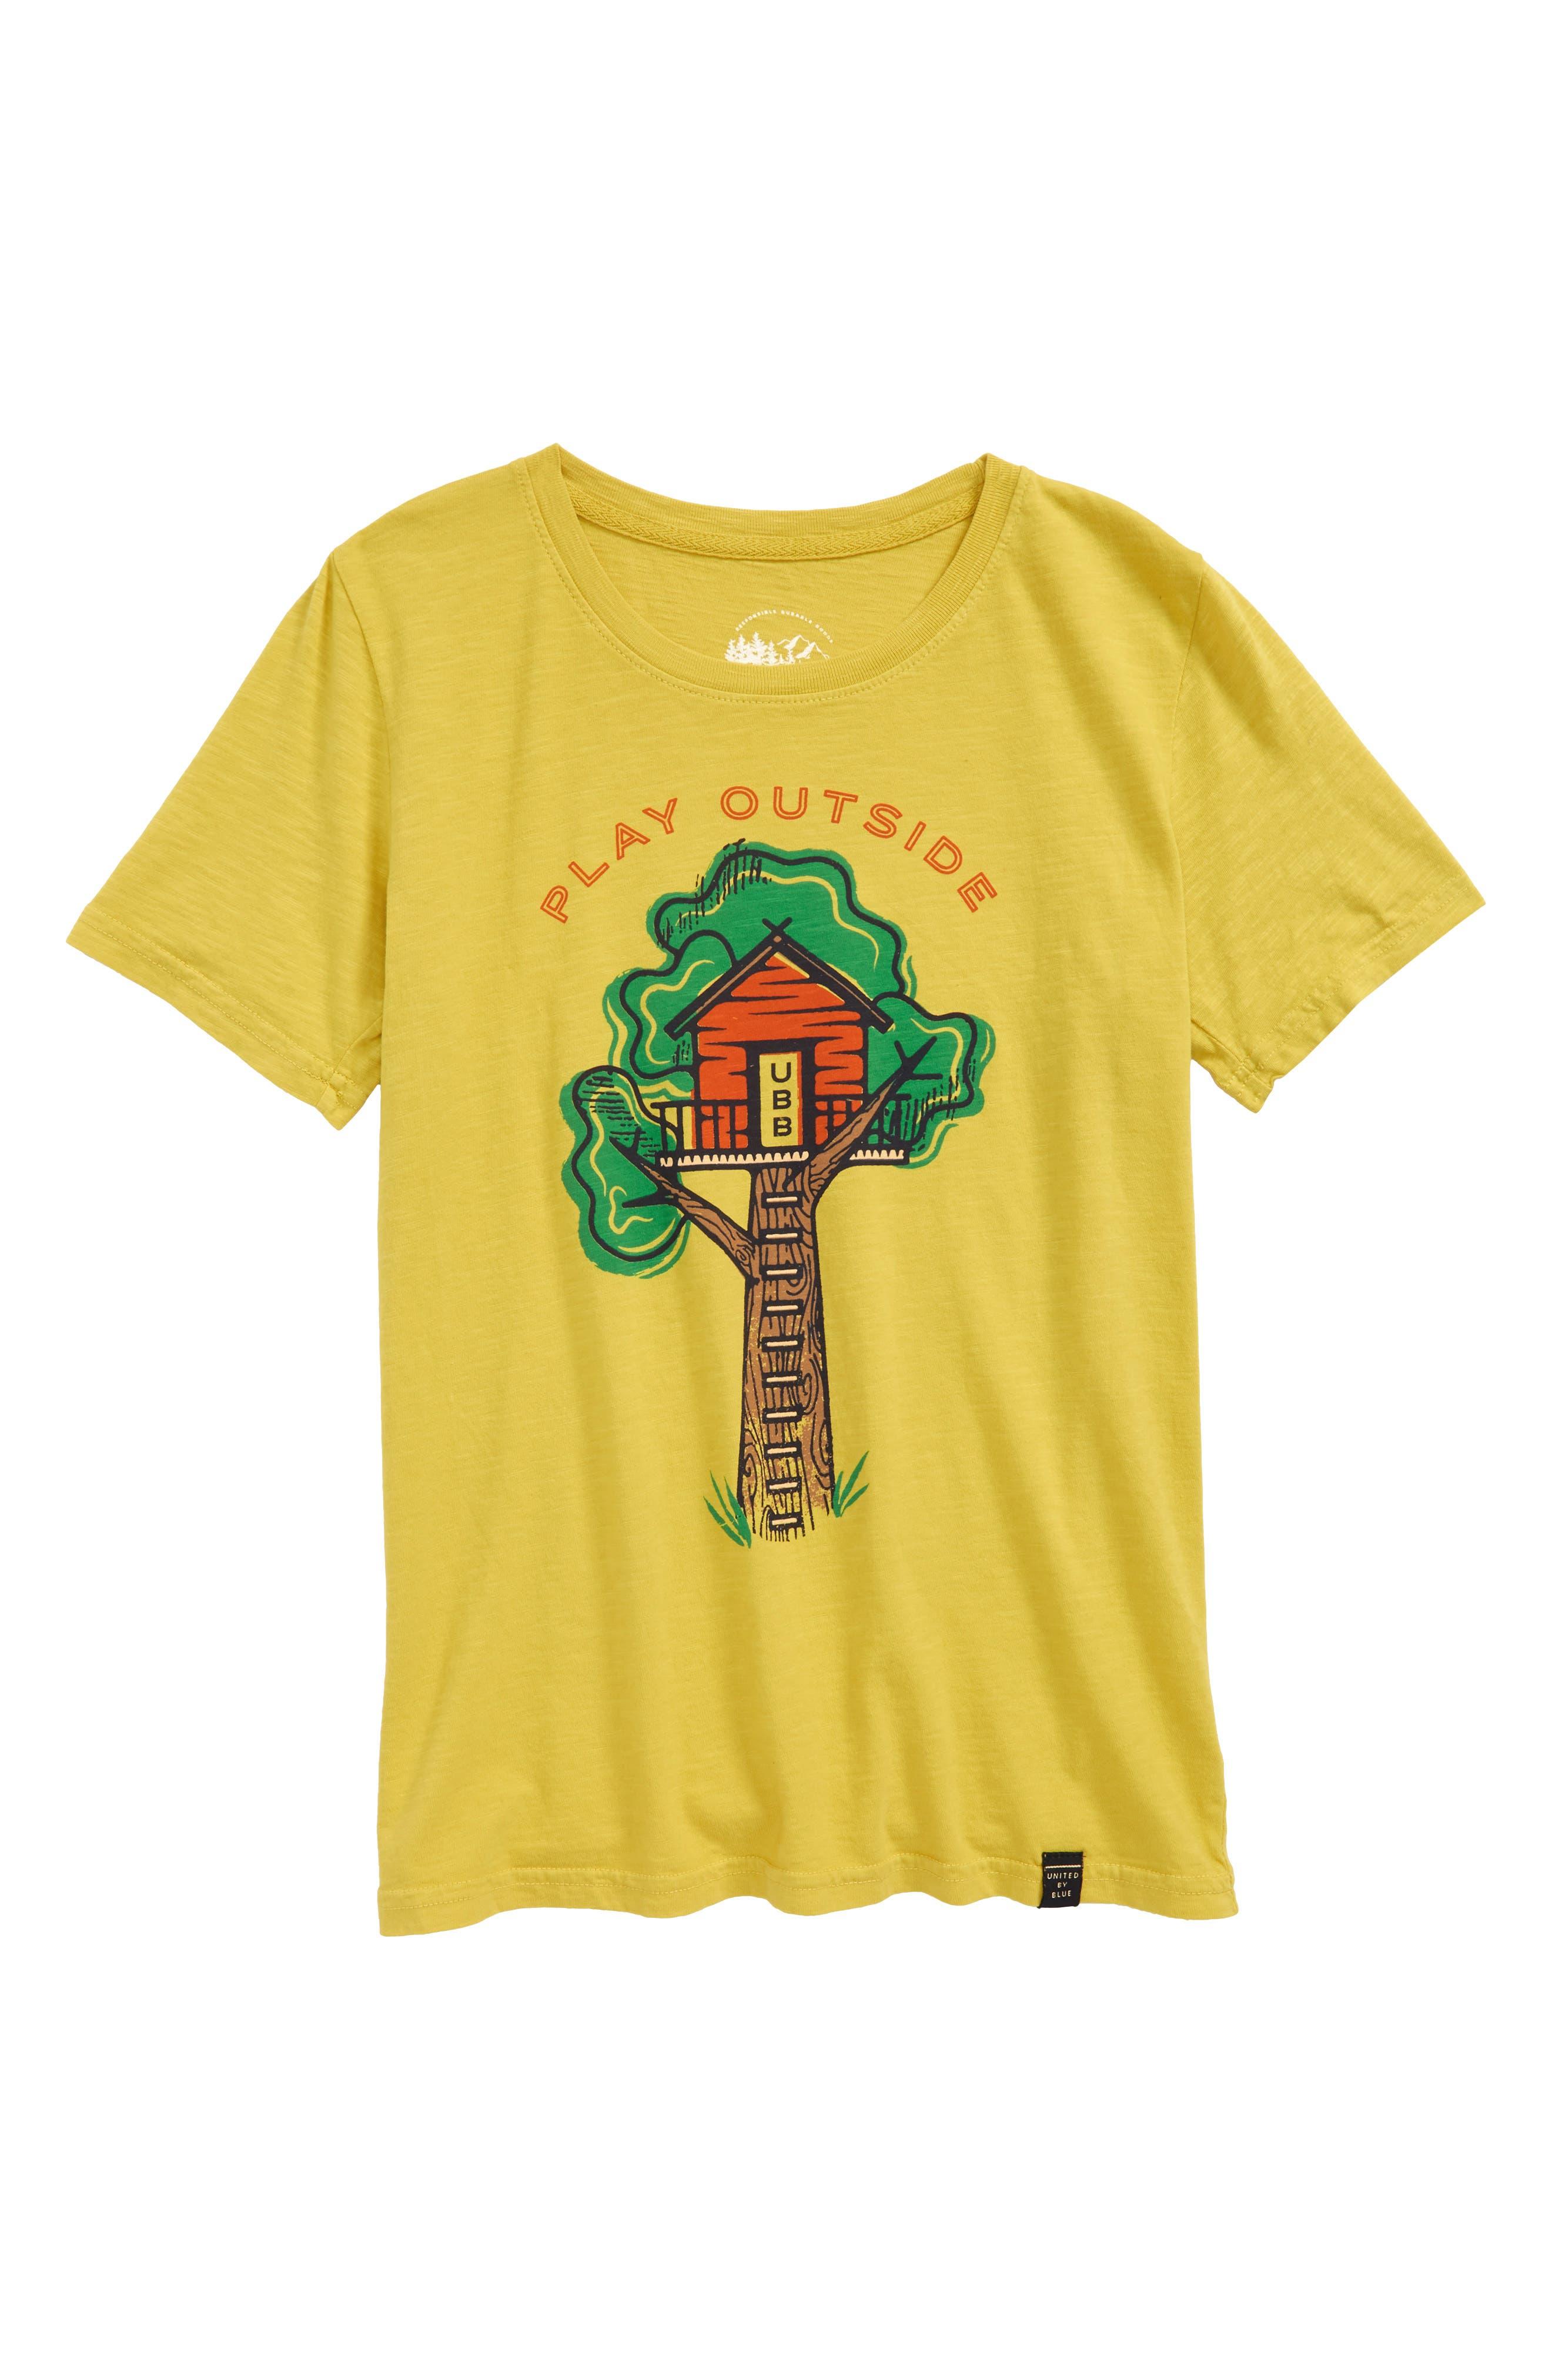 Treehouse Organic Cotton T-Shirt,                             Main thumbnail 1, color,                             700